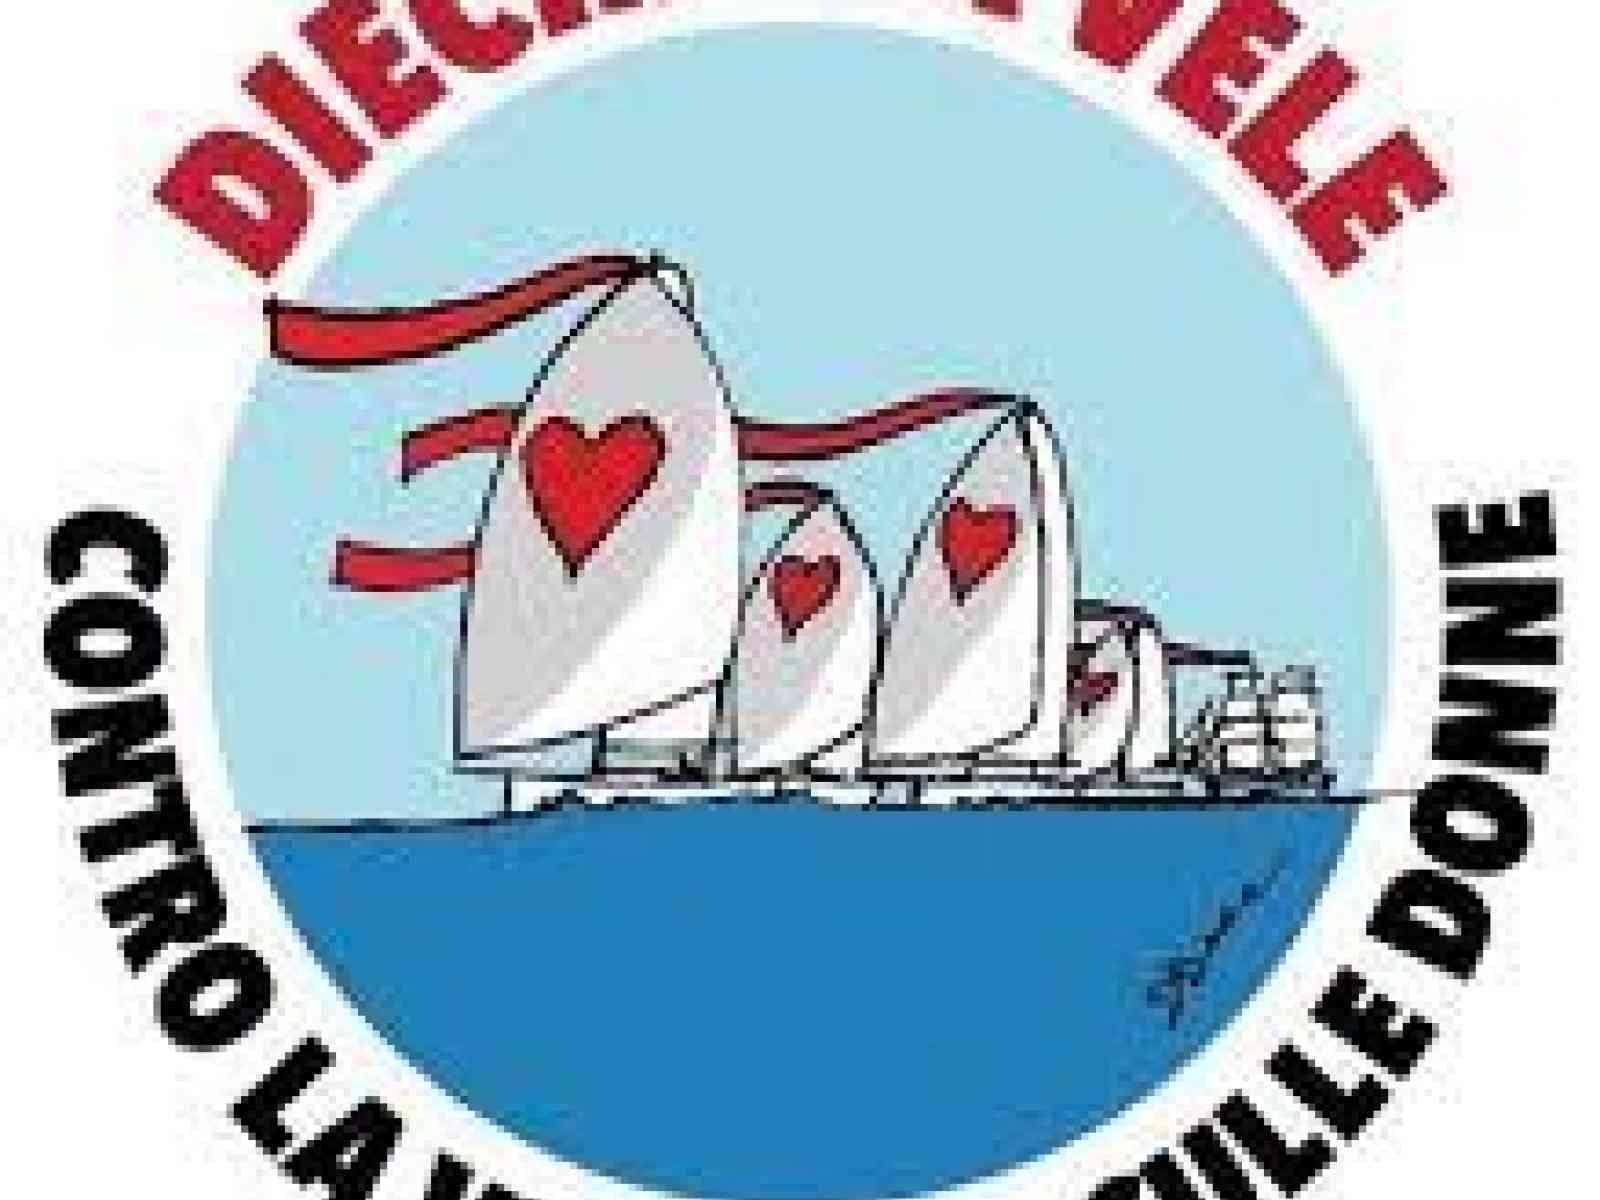 """Immagine articolo: Anche a Porto Palo domenica """"10.000 vele di solidarietà"""". Evento contro la violenza sulle donne"""